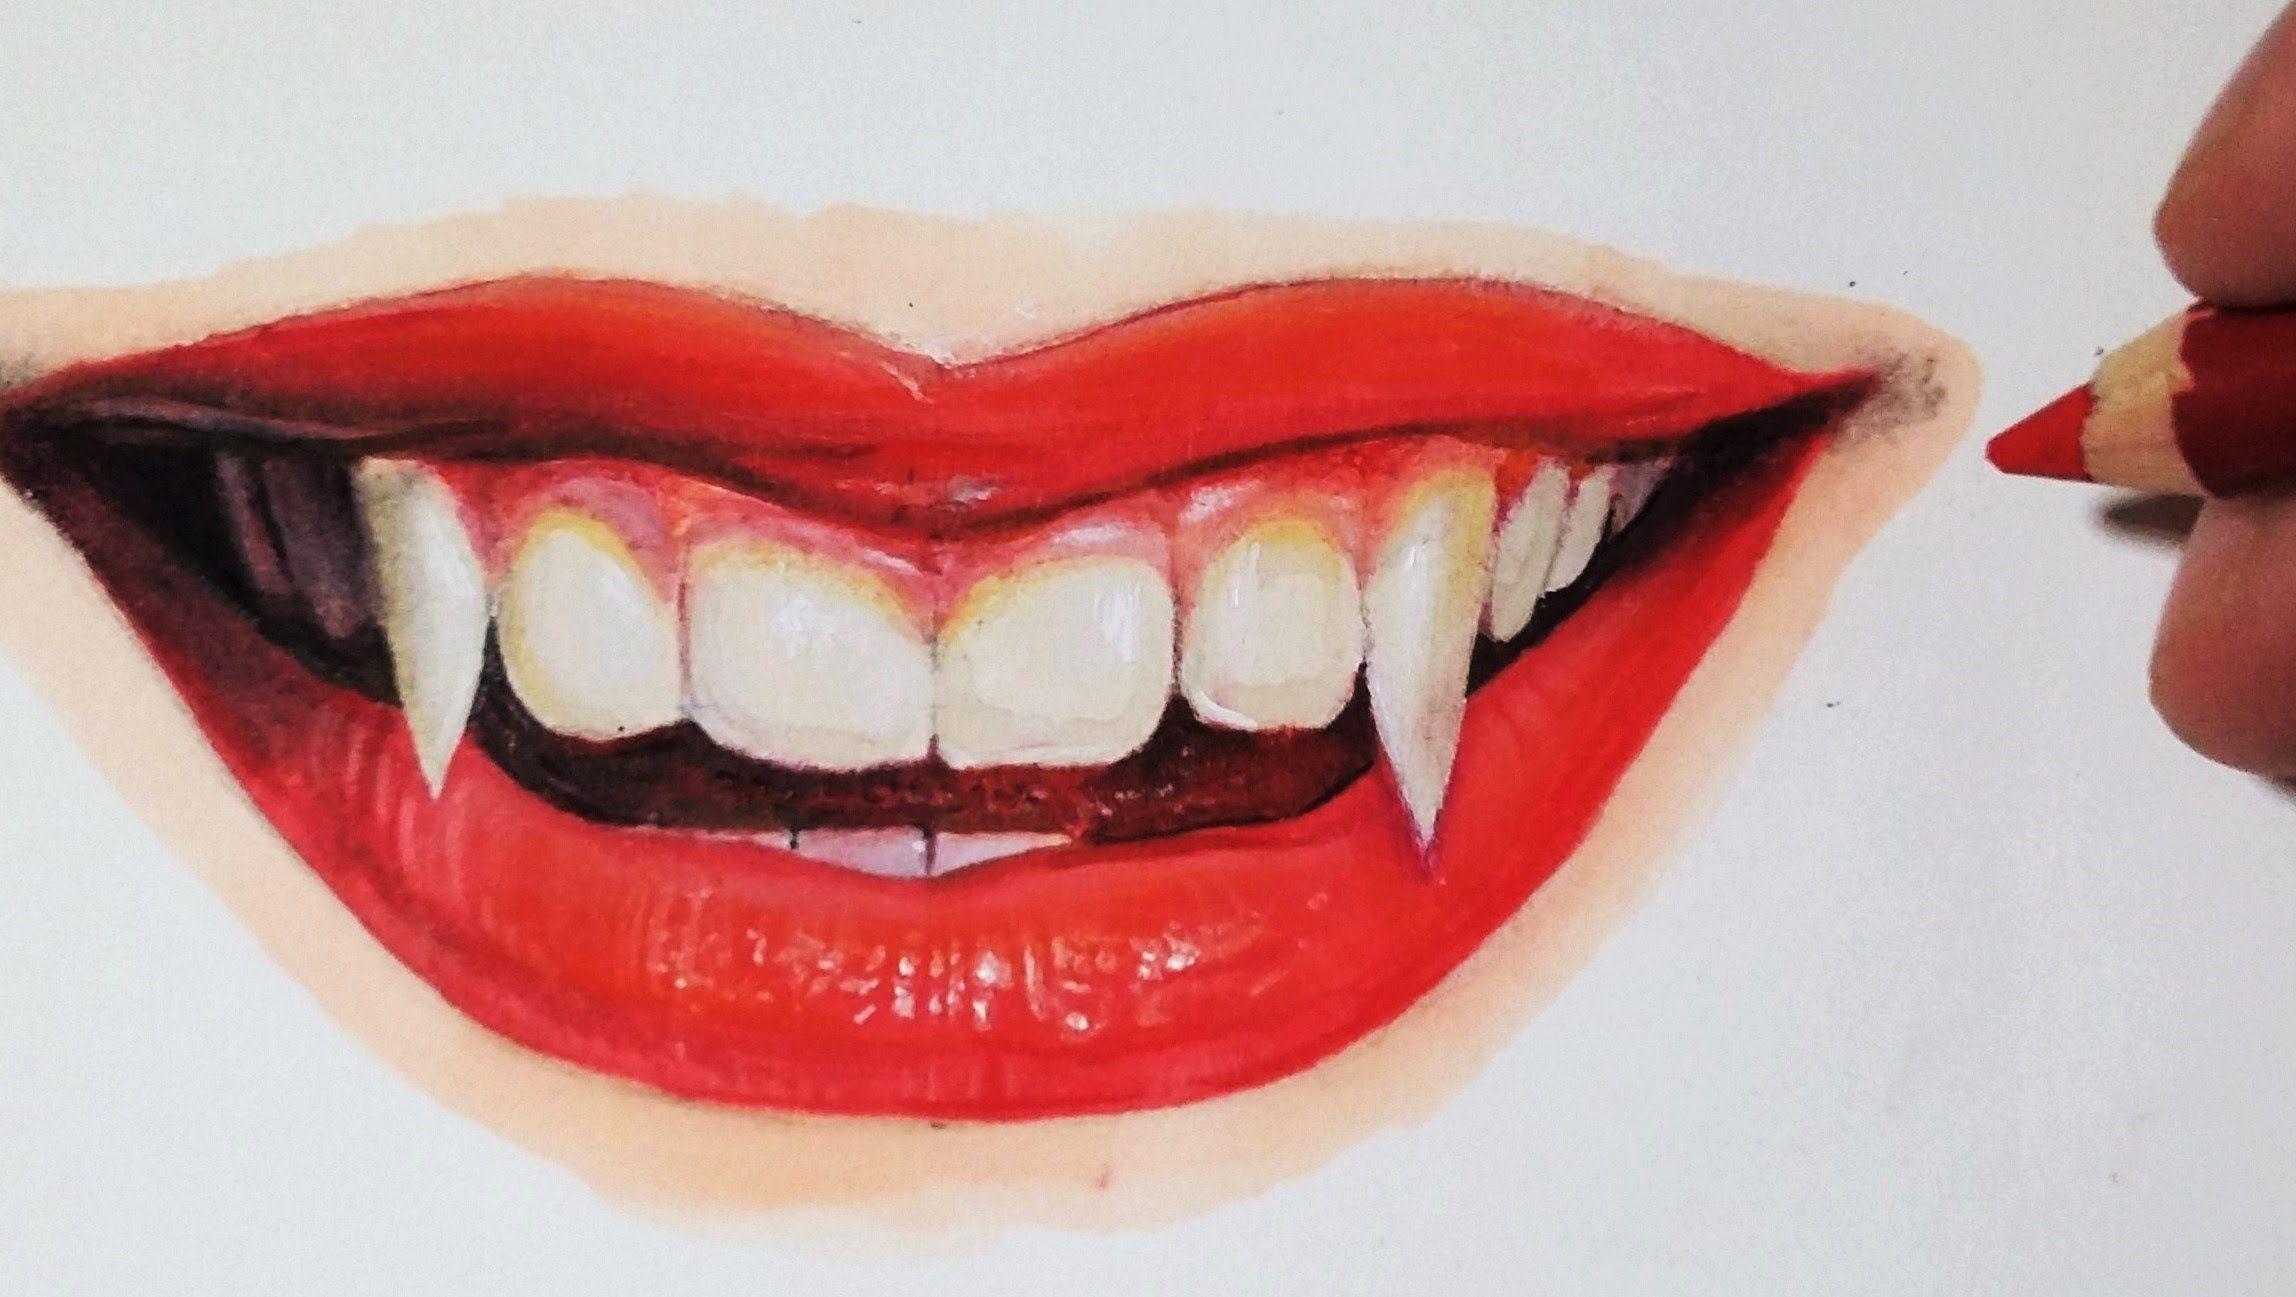 Comment Dessiner Une Bouche De Vampire Realiste Avec Levres Rouges